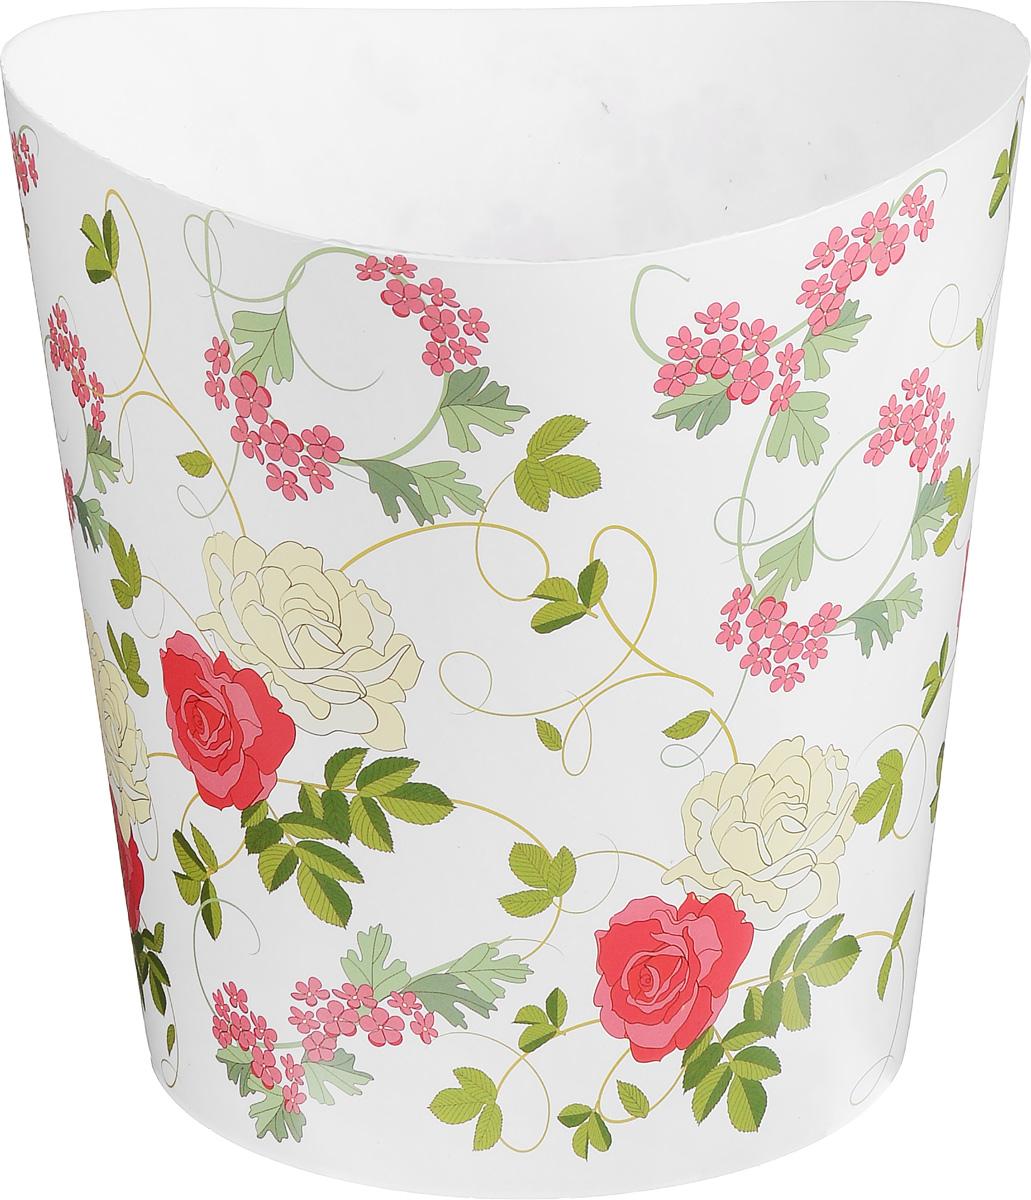 Корзина для бумаг Idea Деко. Розы, 28 х 25 х 27 смМ 2498Корзина Idea Деко. Розы выполнена из высококачественного полипропилена и предназначена для сбора мелкого мусора и бумаг. Корзина имеет современный эргономичный дизайн. Удобная компактная корзина прекрасно впишется в интерьер гостиной, спальни, офиса или кабинета. Размер корзины: 25 х 26 х 28 см.